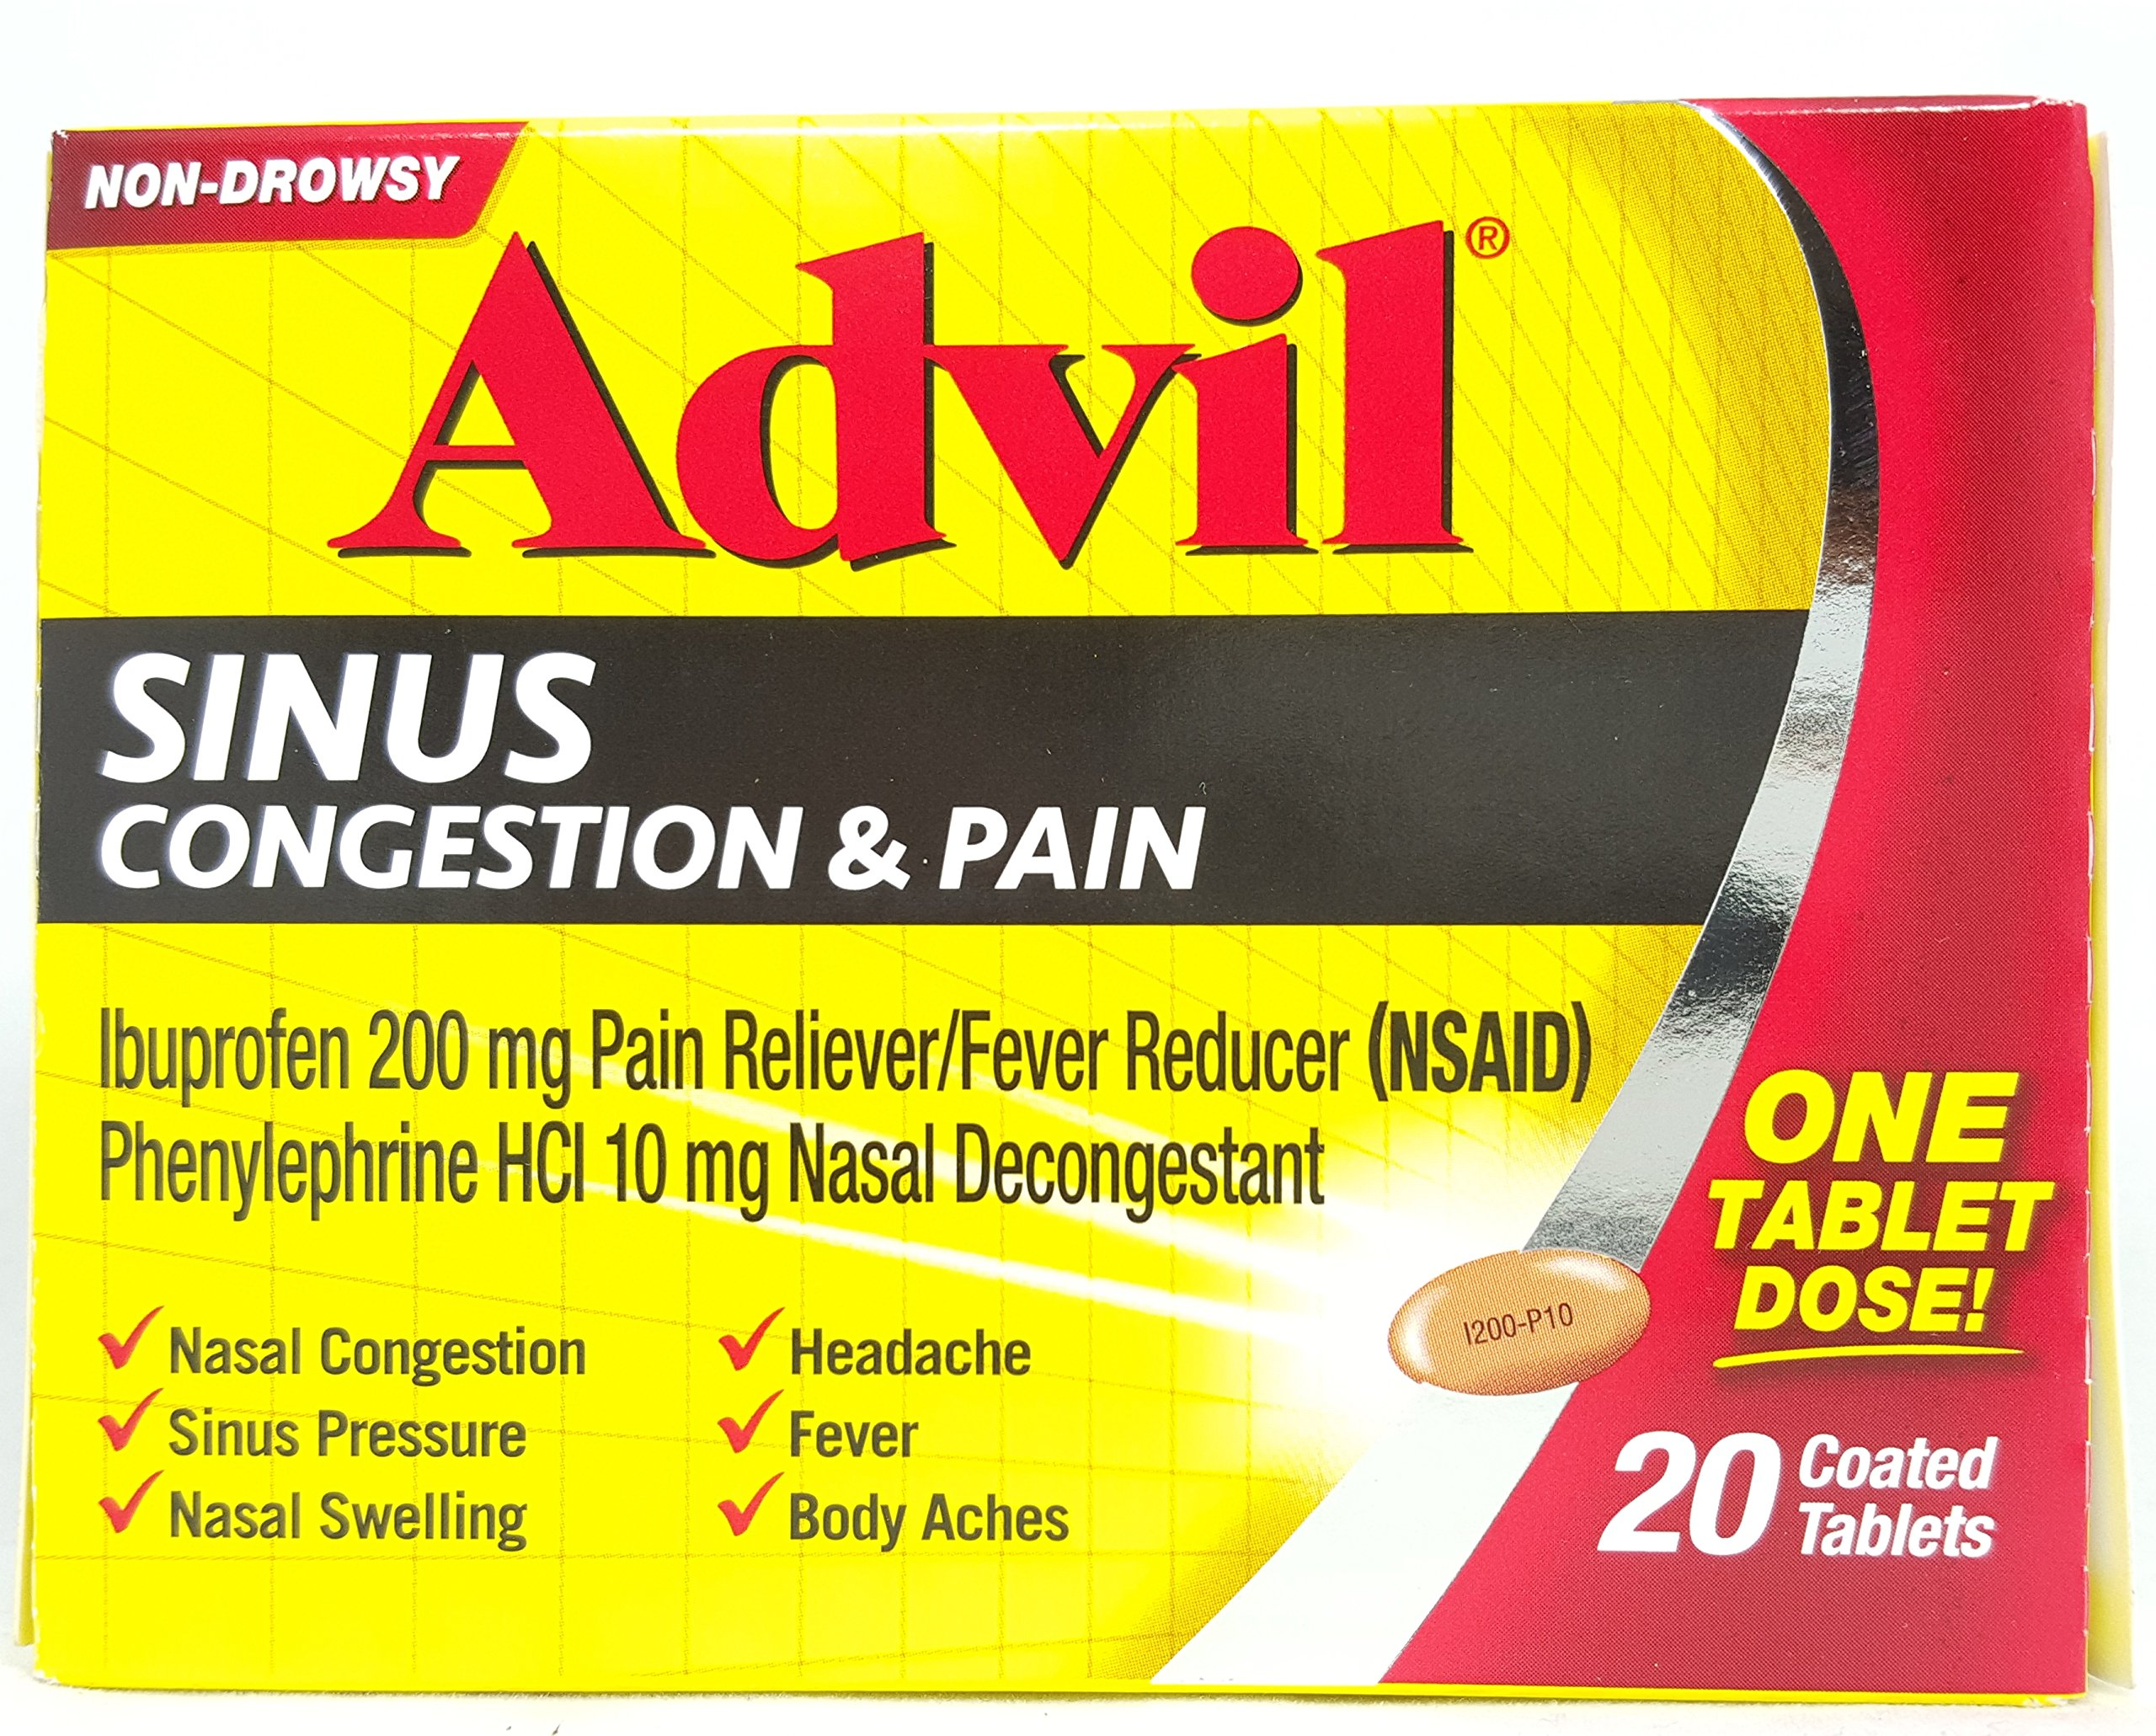 Advil Sinus Cong & Pain 2 Size 20ct Advil Sinus Congestion & Pain 20ct